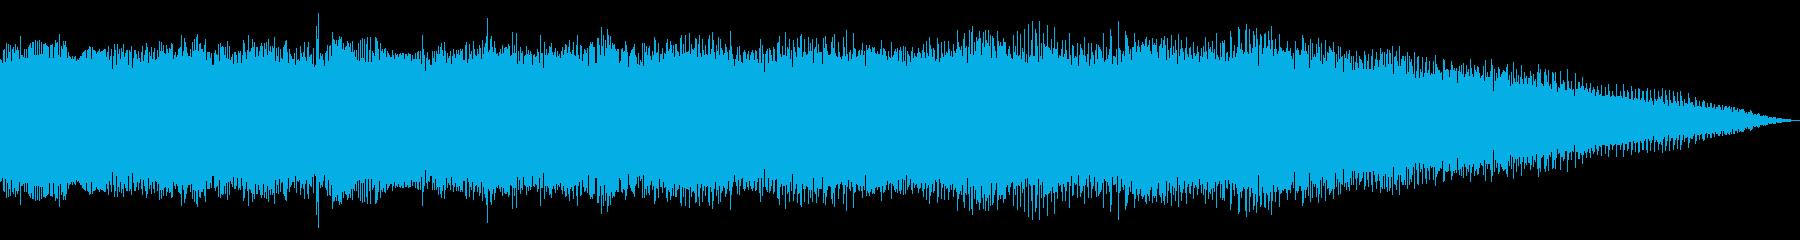 ディストーションのメタルギター 場面転換の再生済みの波形